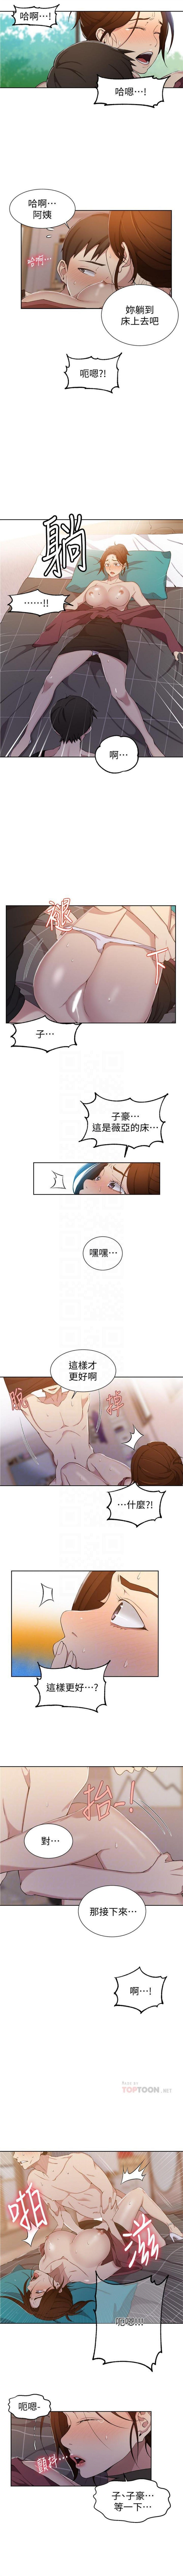 秘密教學  1-69 官方中文(連載中) 285